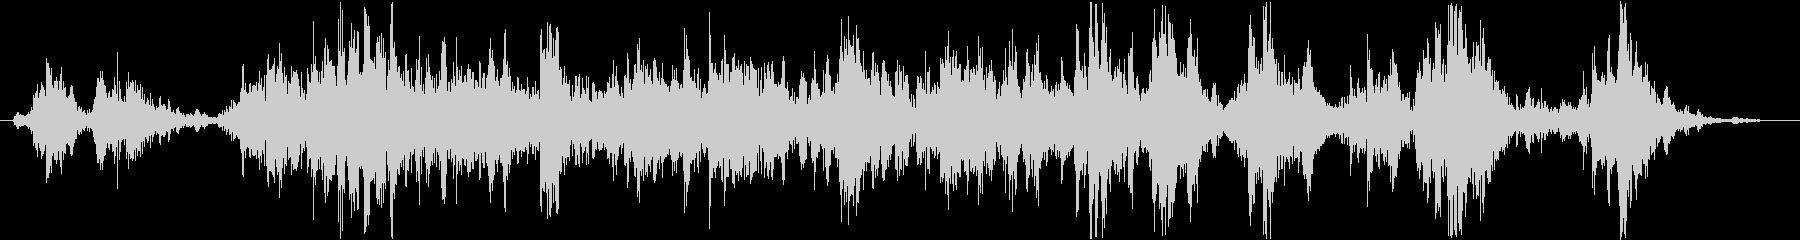 インテリア ラトルハード01の未再生の波形